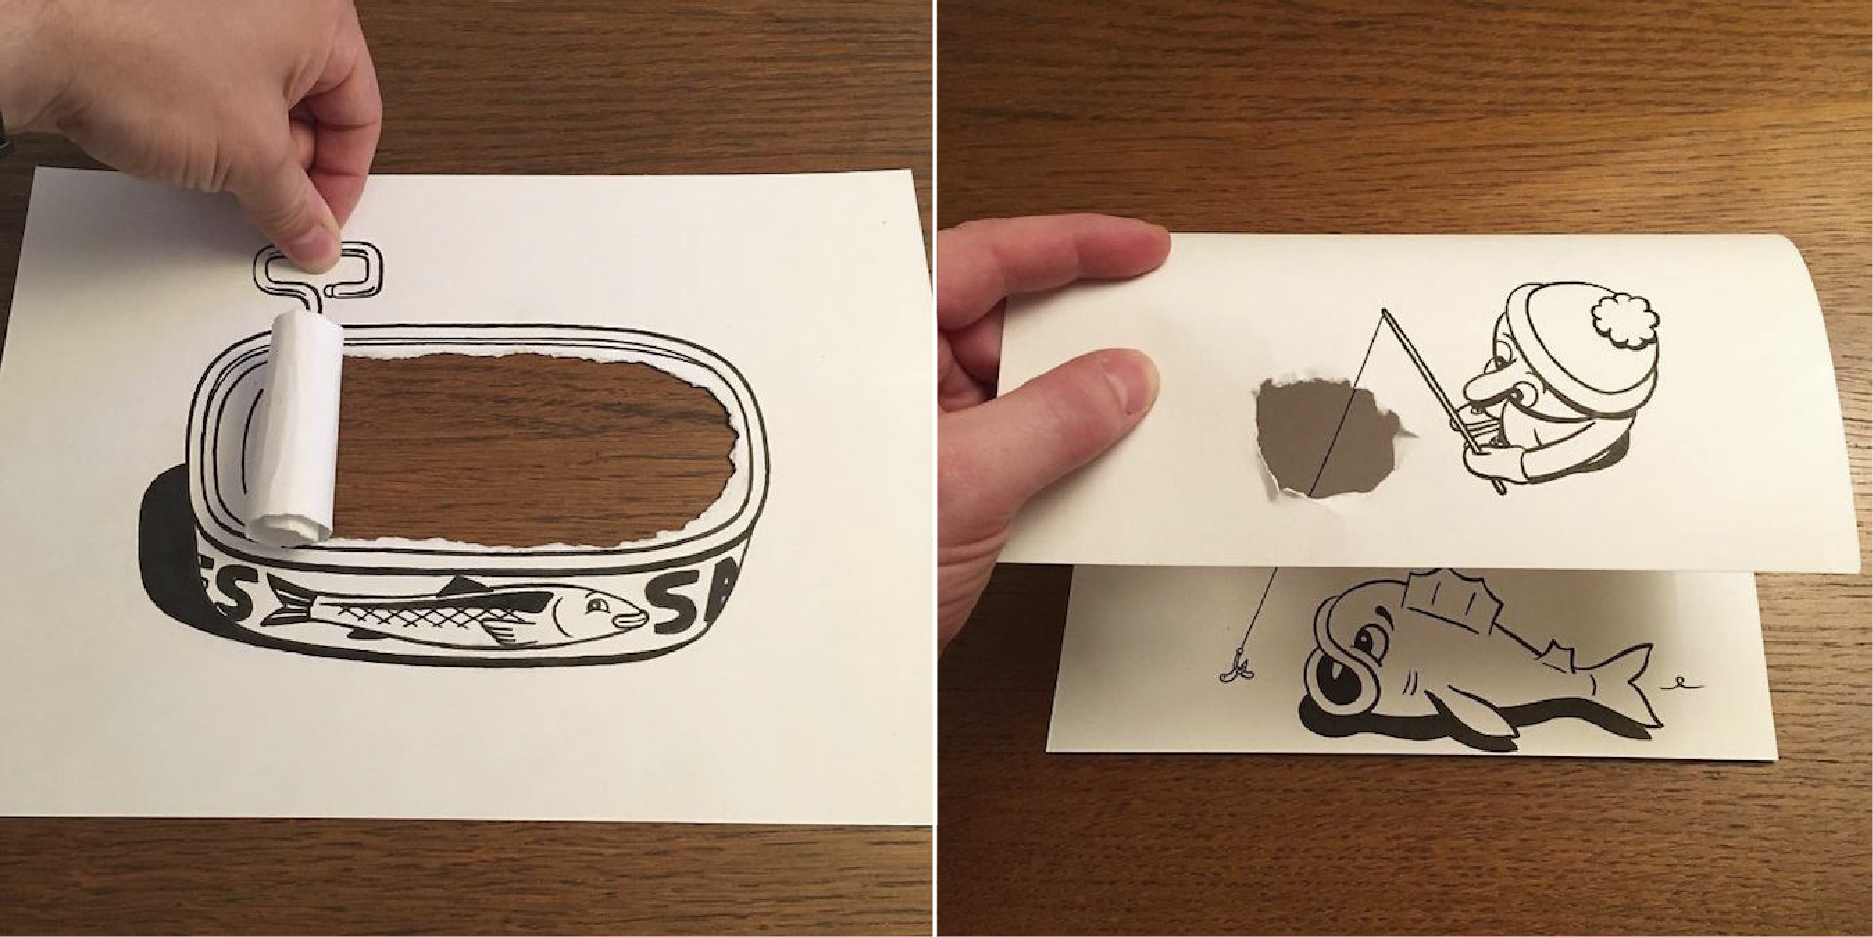 Dibujos 3d hechos con pedazos de hojas de papel